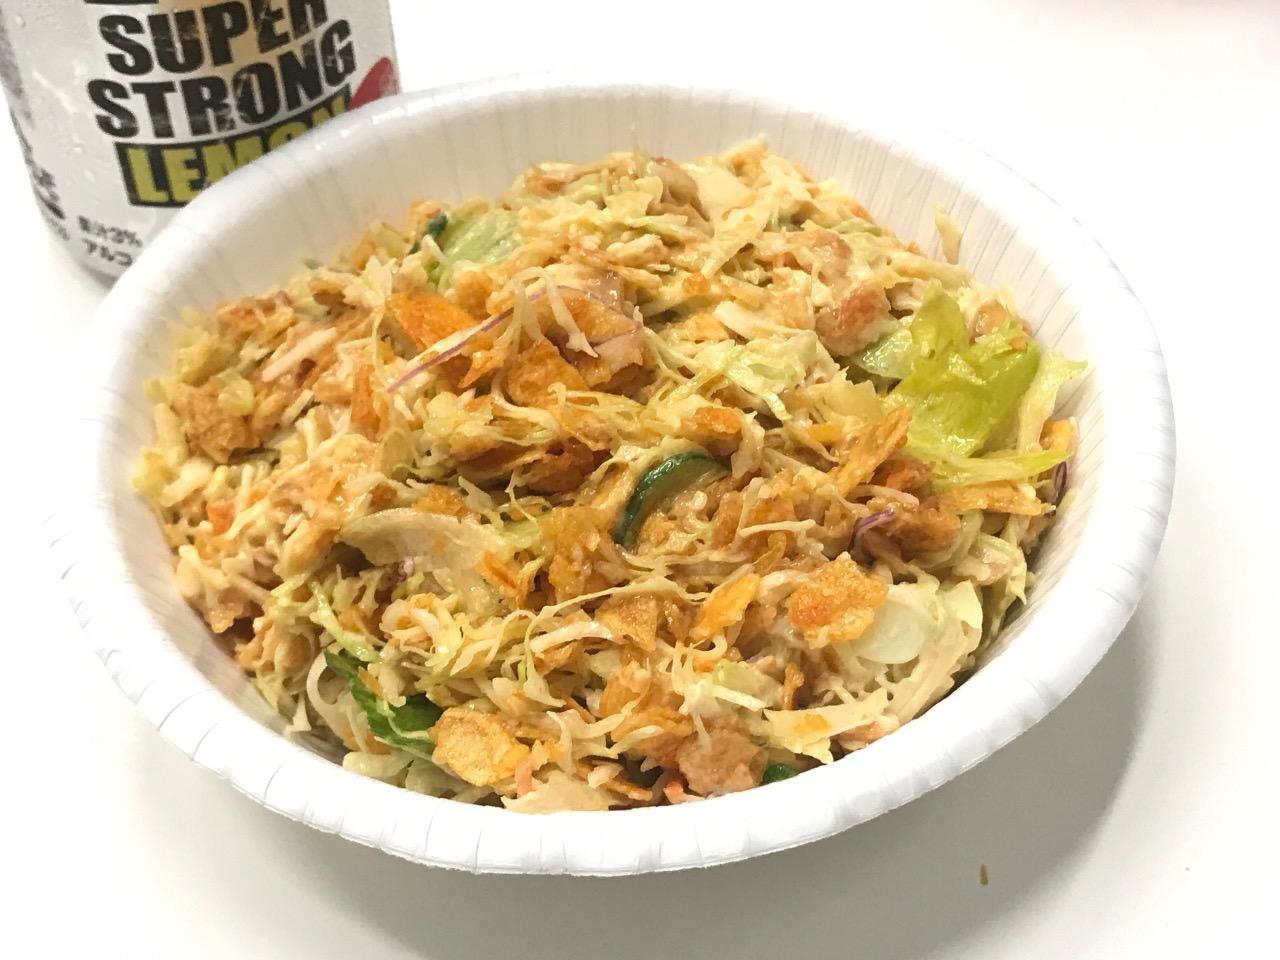 【レシピ】カラムーチョとコンビニの袋サラダで作る酒のアテになるジャンクなおつまみサラダ 完成